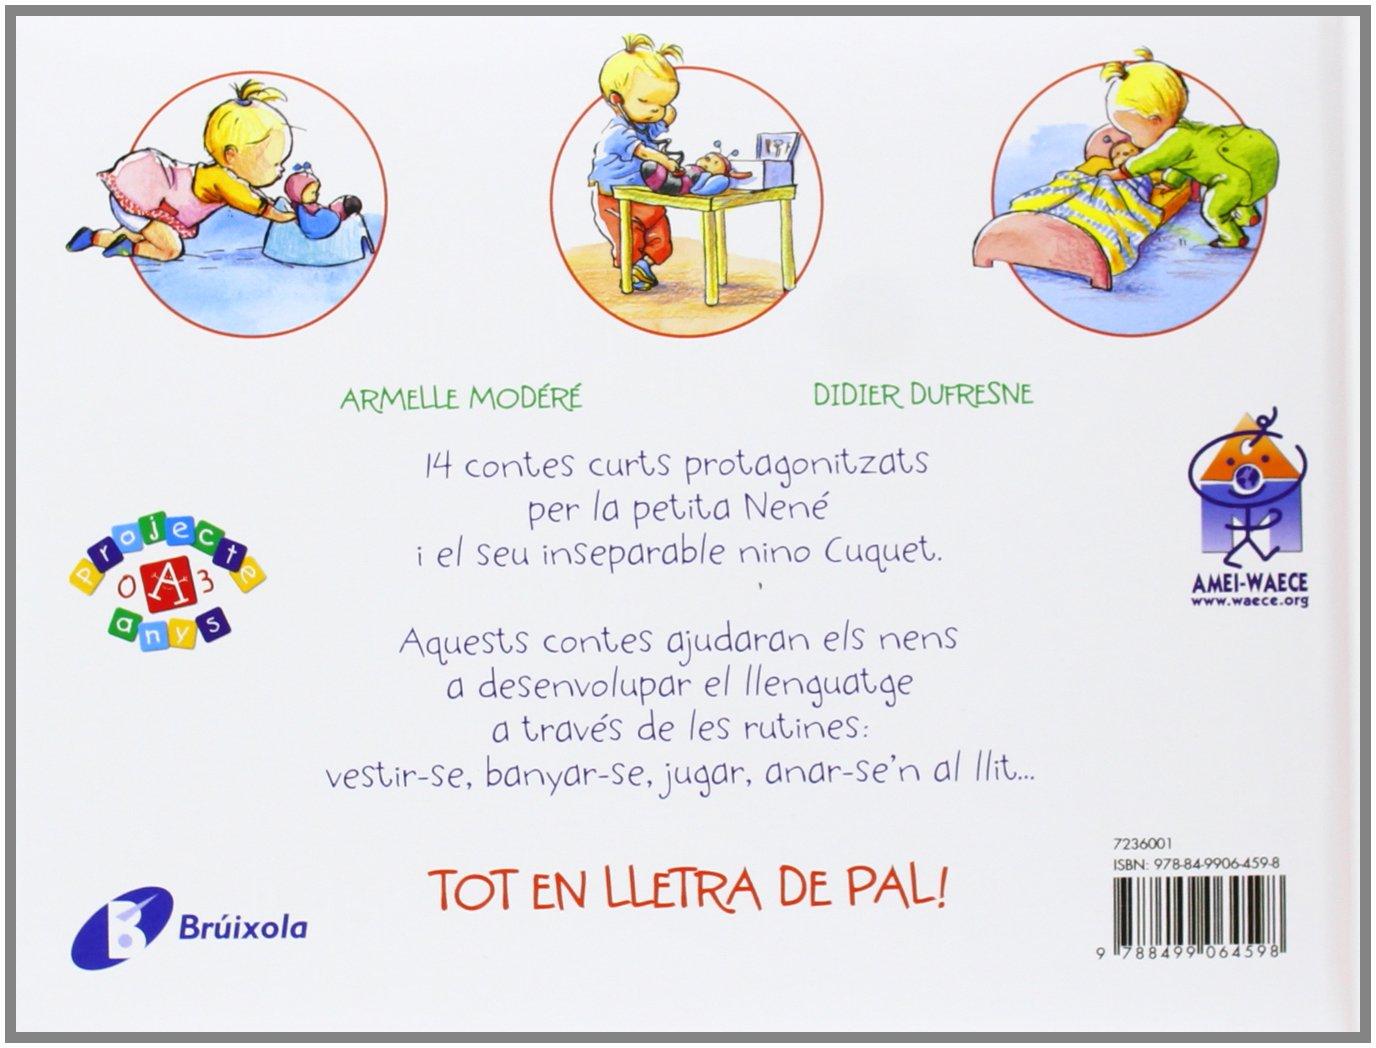 Els Meus Primers Contes Curts 14 Històries De La Petita Nené Catalá A Partir De 0 Anys Projecte De 0 A 3 Anys Llibres Per A Desenvolupar El Llenguatge